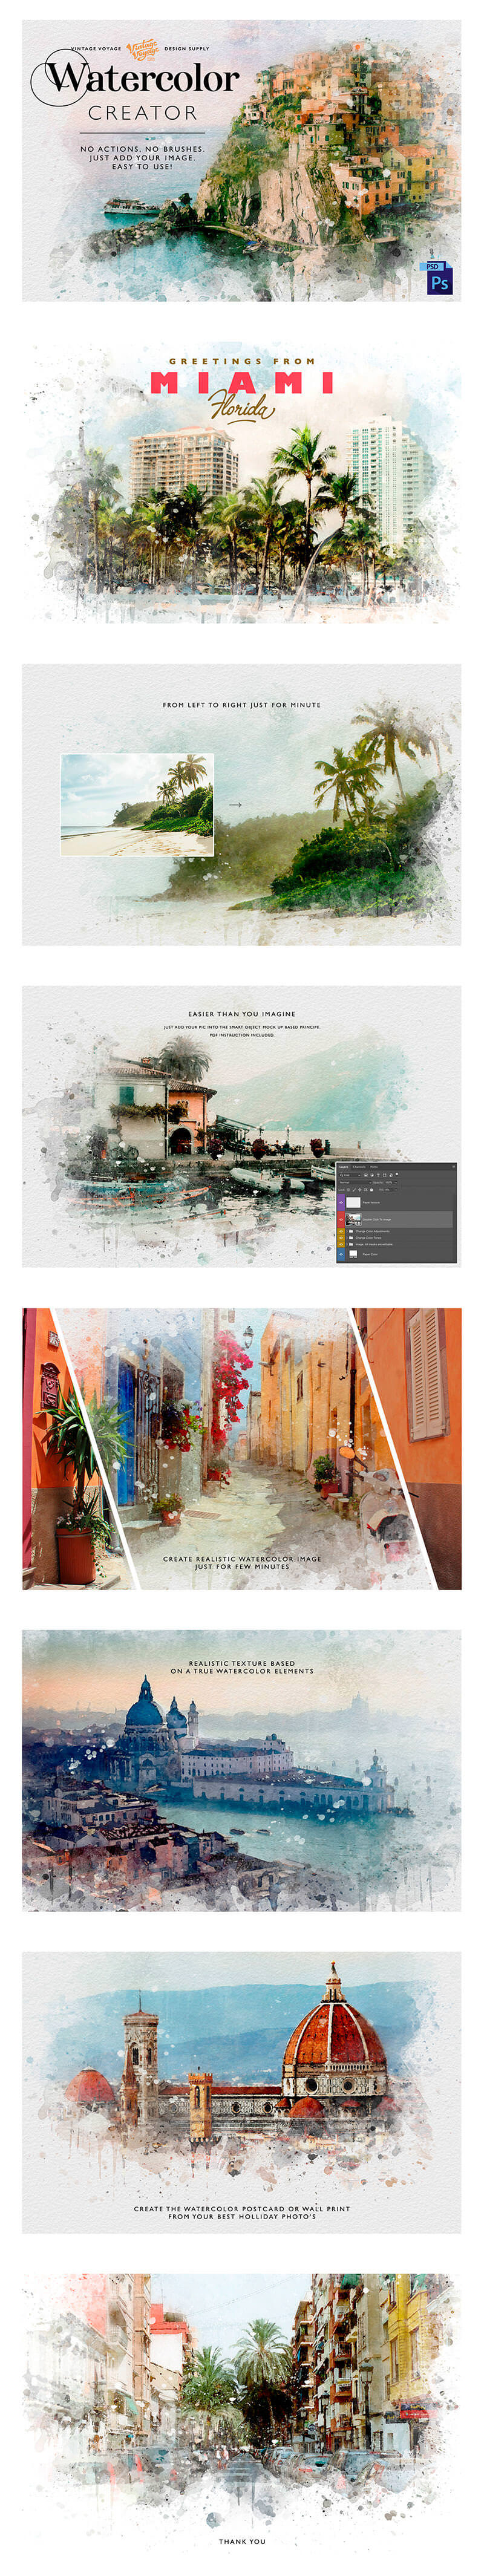 creatives-vibrant-artistic-collection-018-a